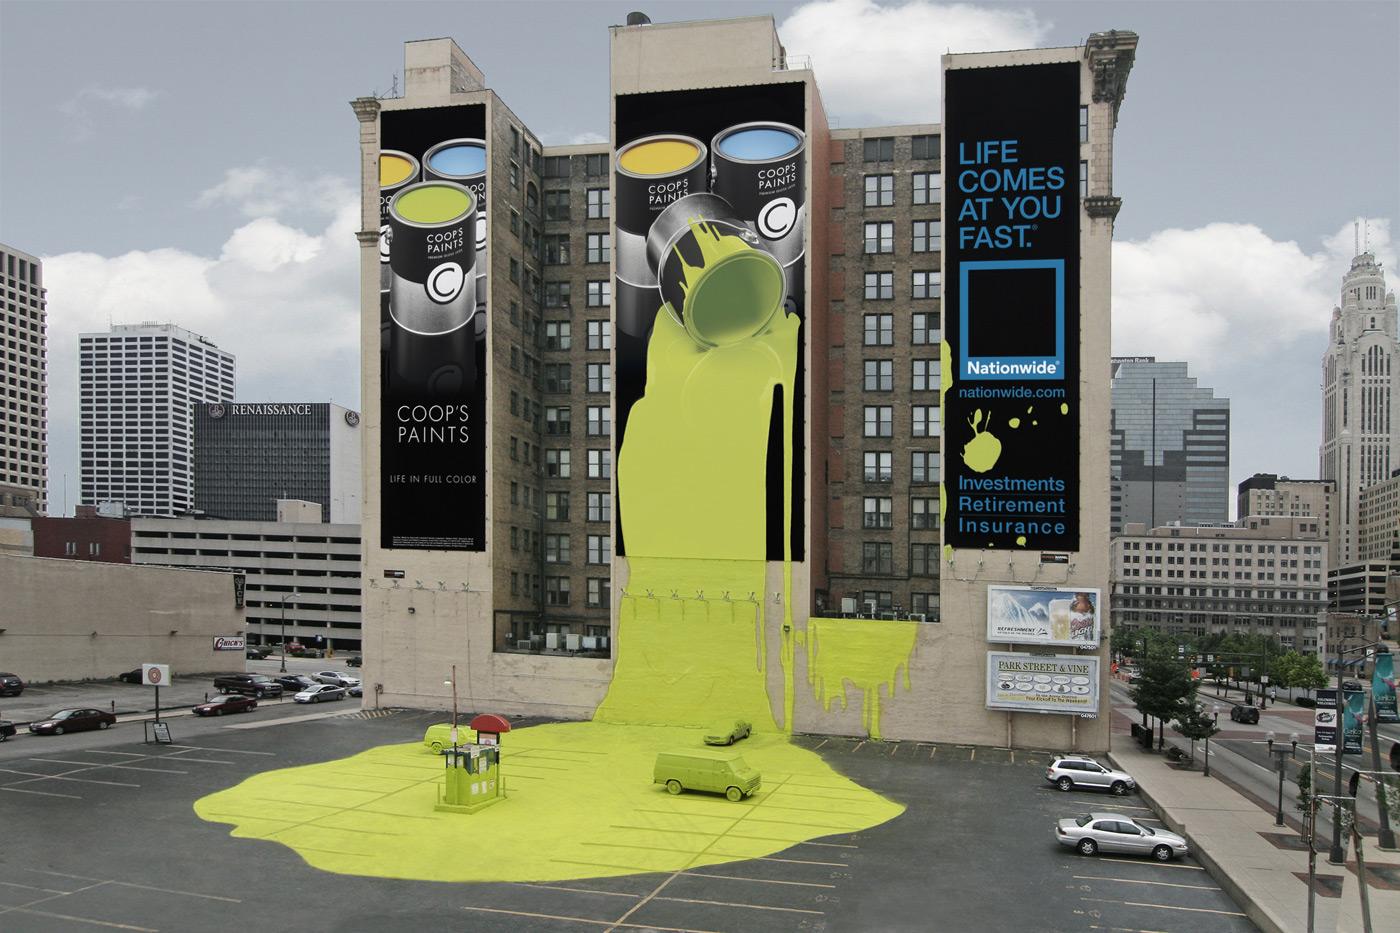 publicidad exterior en edificio con lona gigante